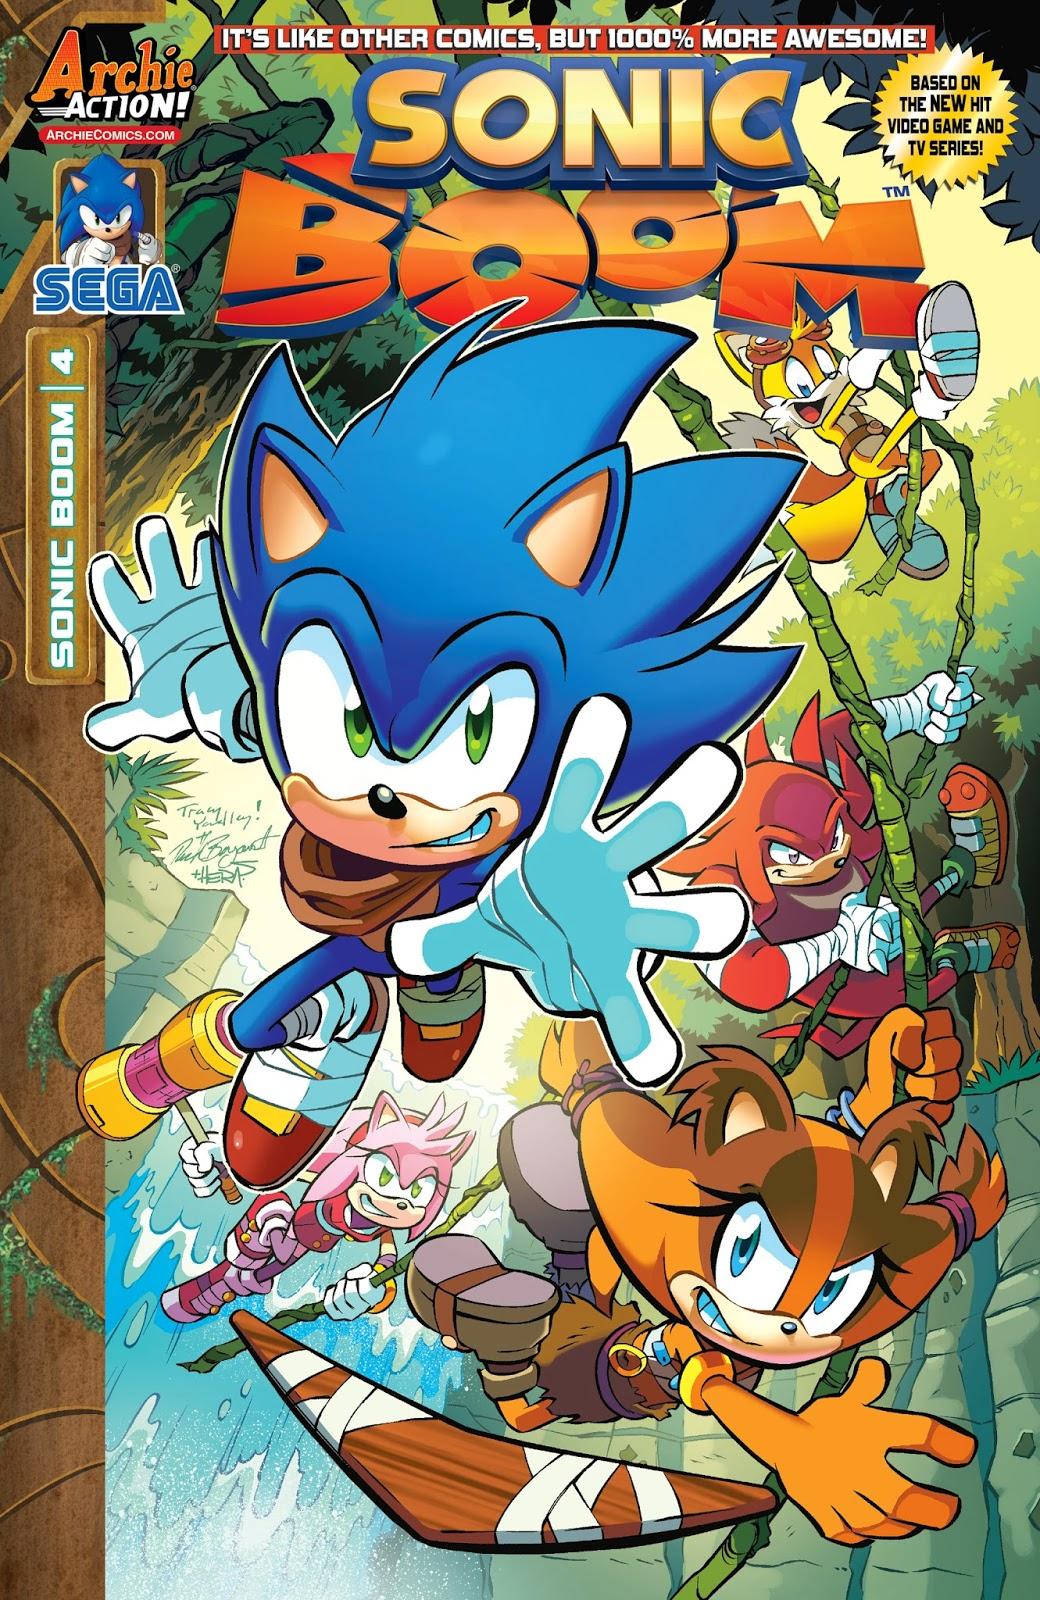 La casita de Amy Rose: CÓMIC: Sonic The Hedgehog #6 (Español)